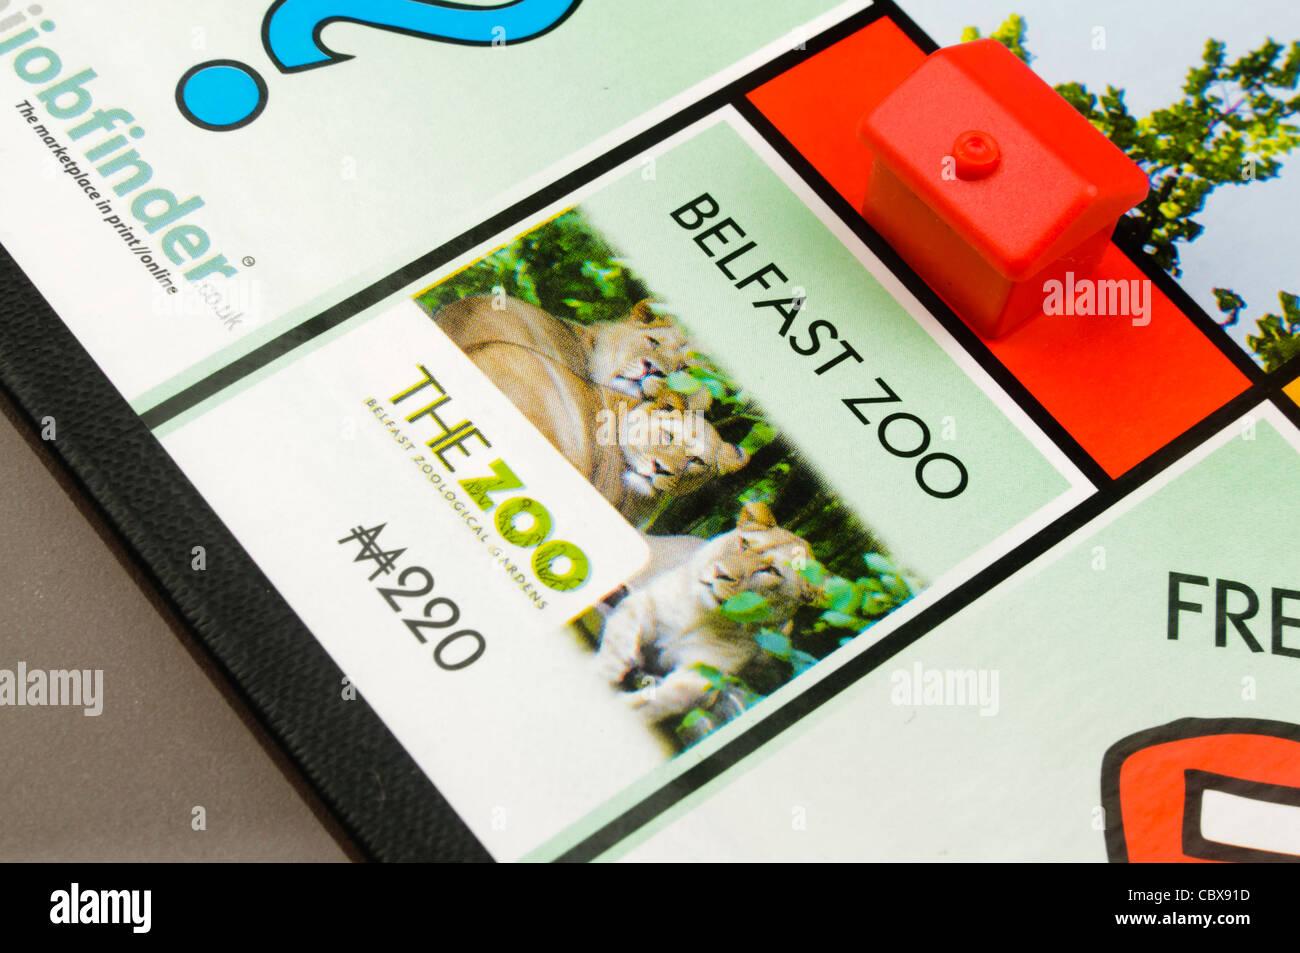 Belfast-Monopol: Bau eines Hotels auf Belfast Zoo Stockbild